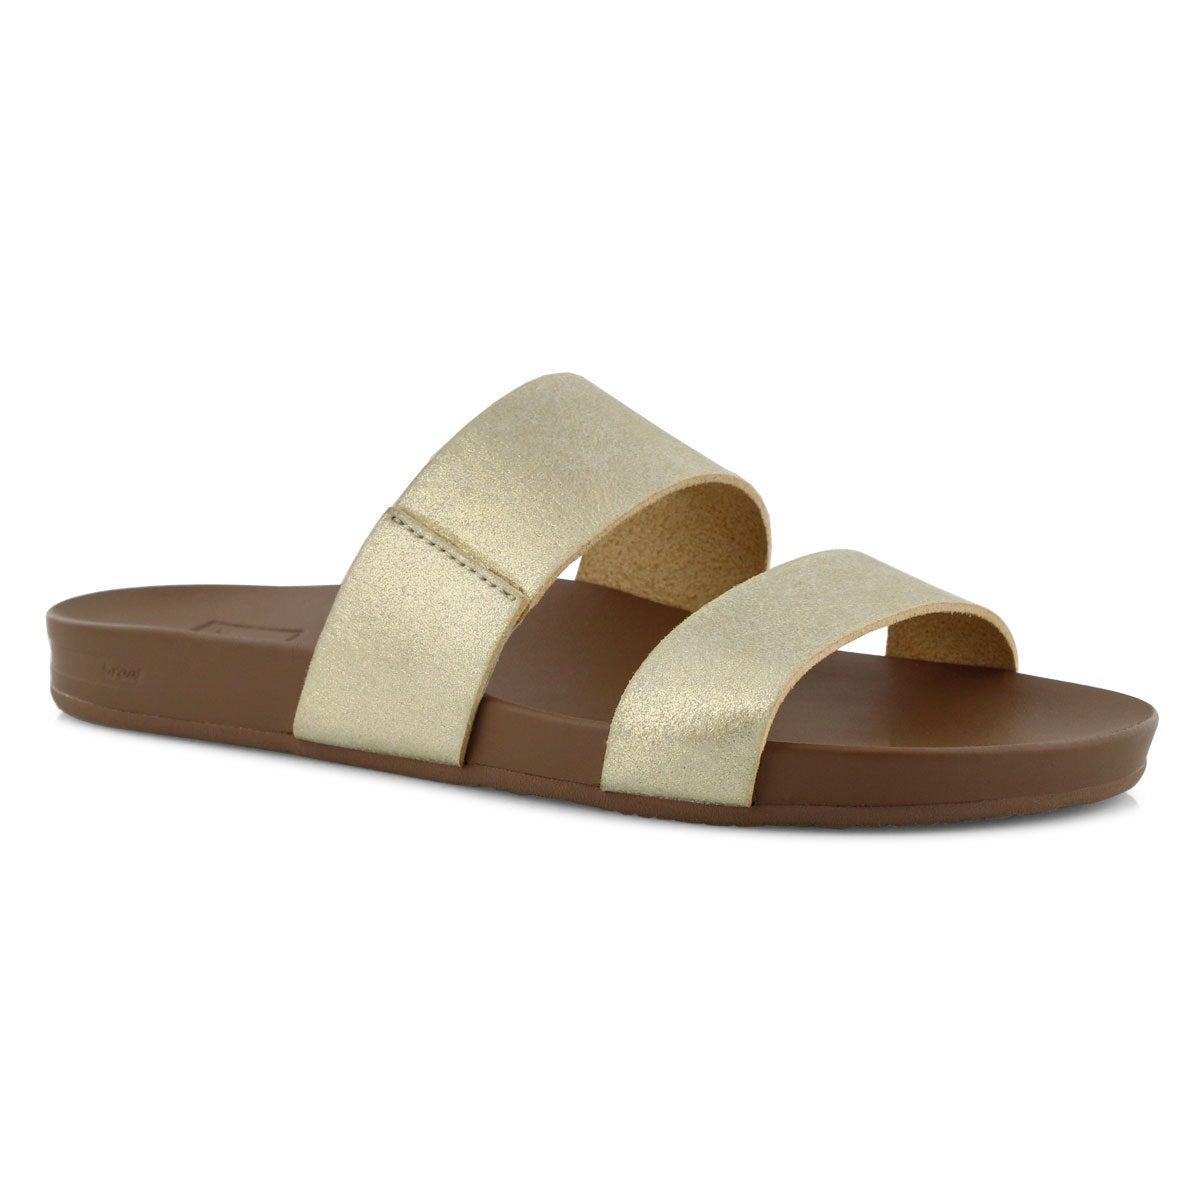 5e872e2ea8e3 Reef Women s Cushion Bounce Vista Slide Sandal